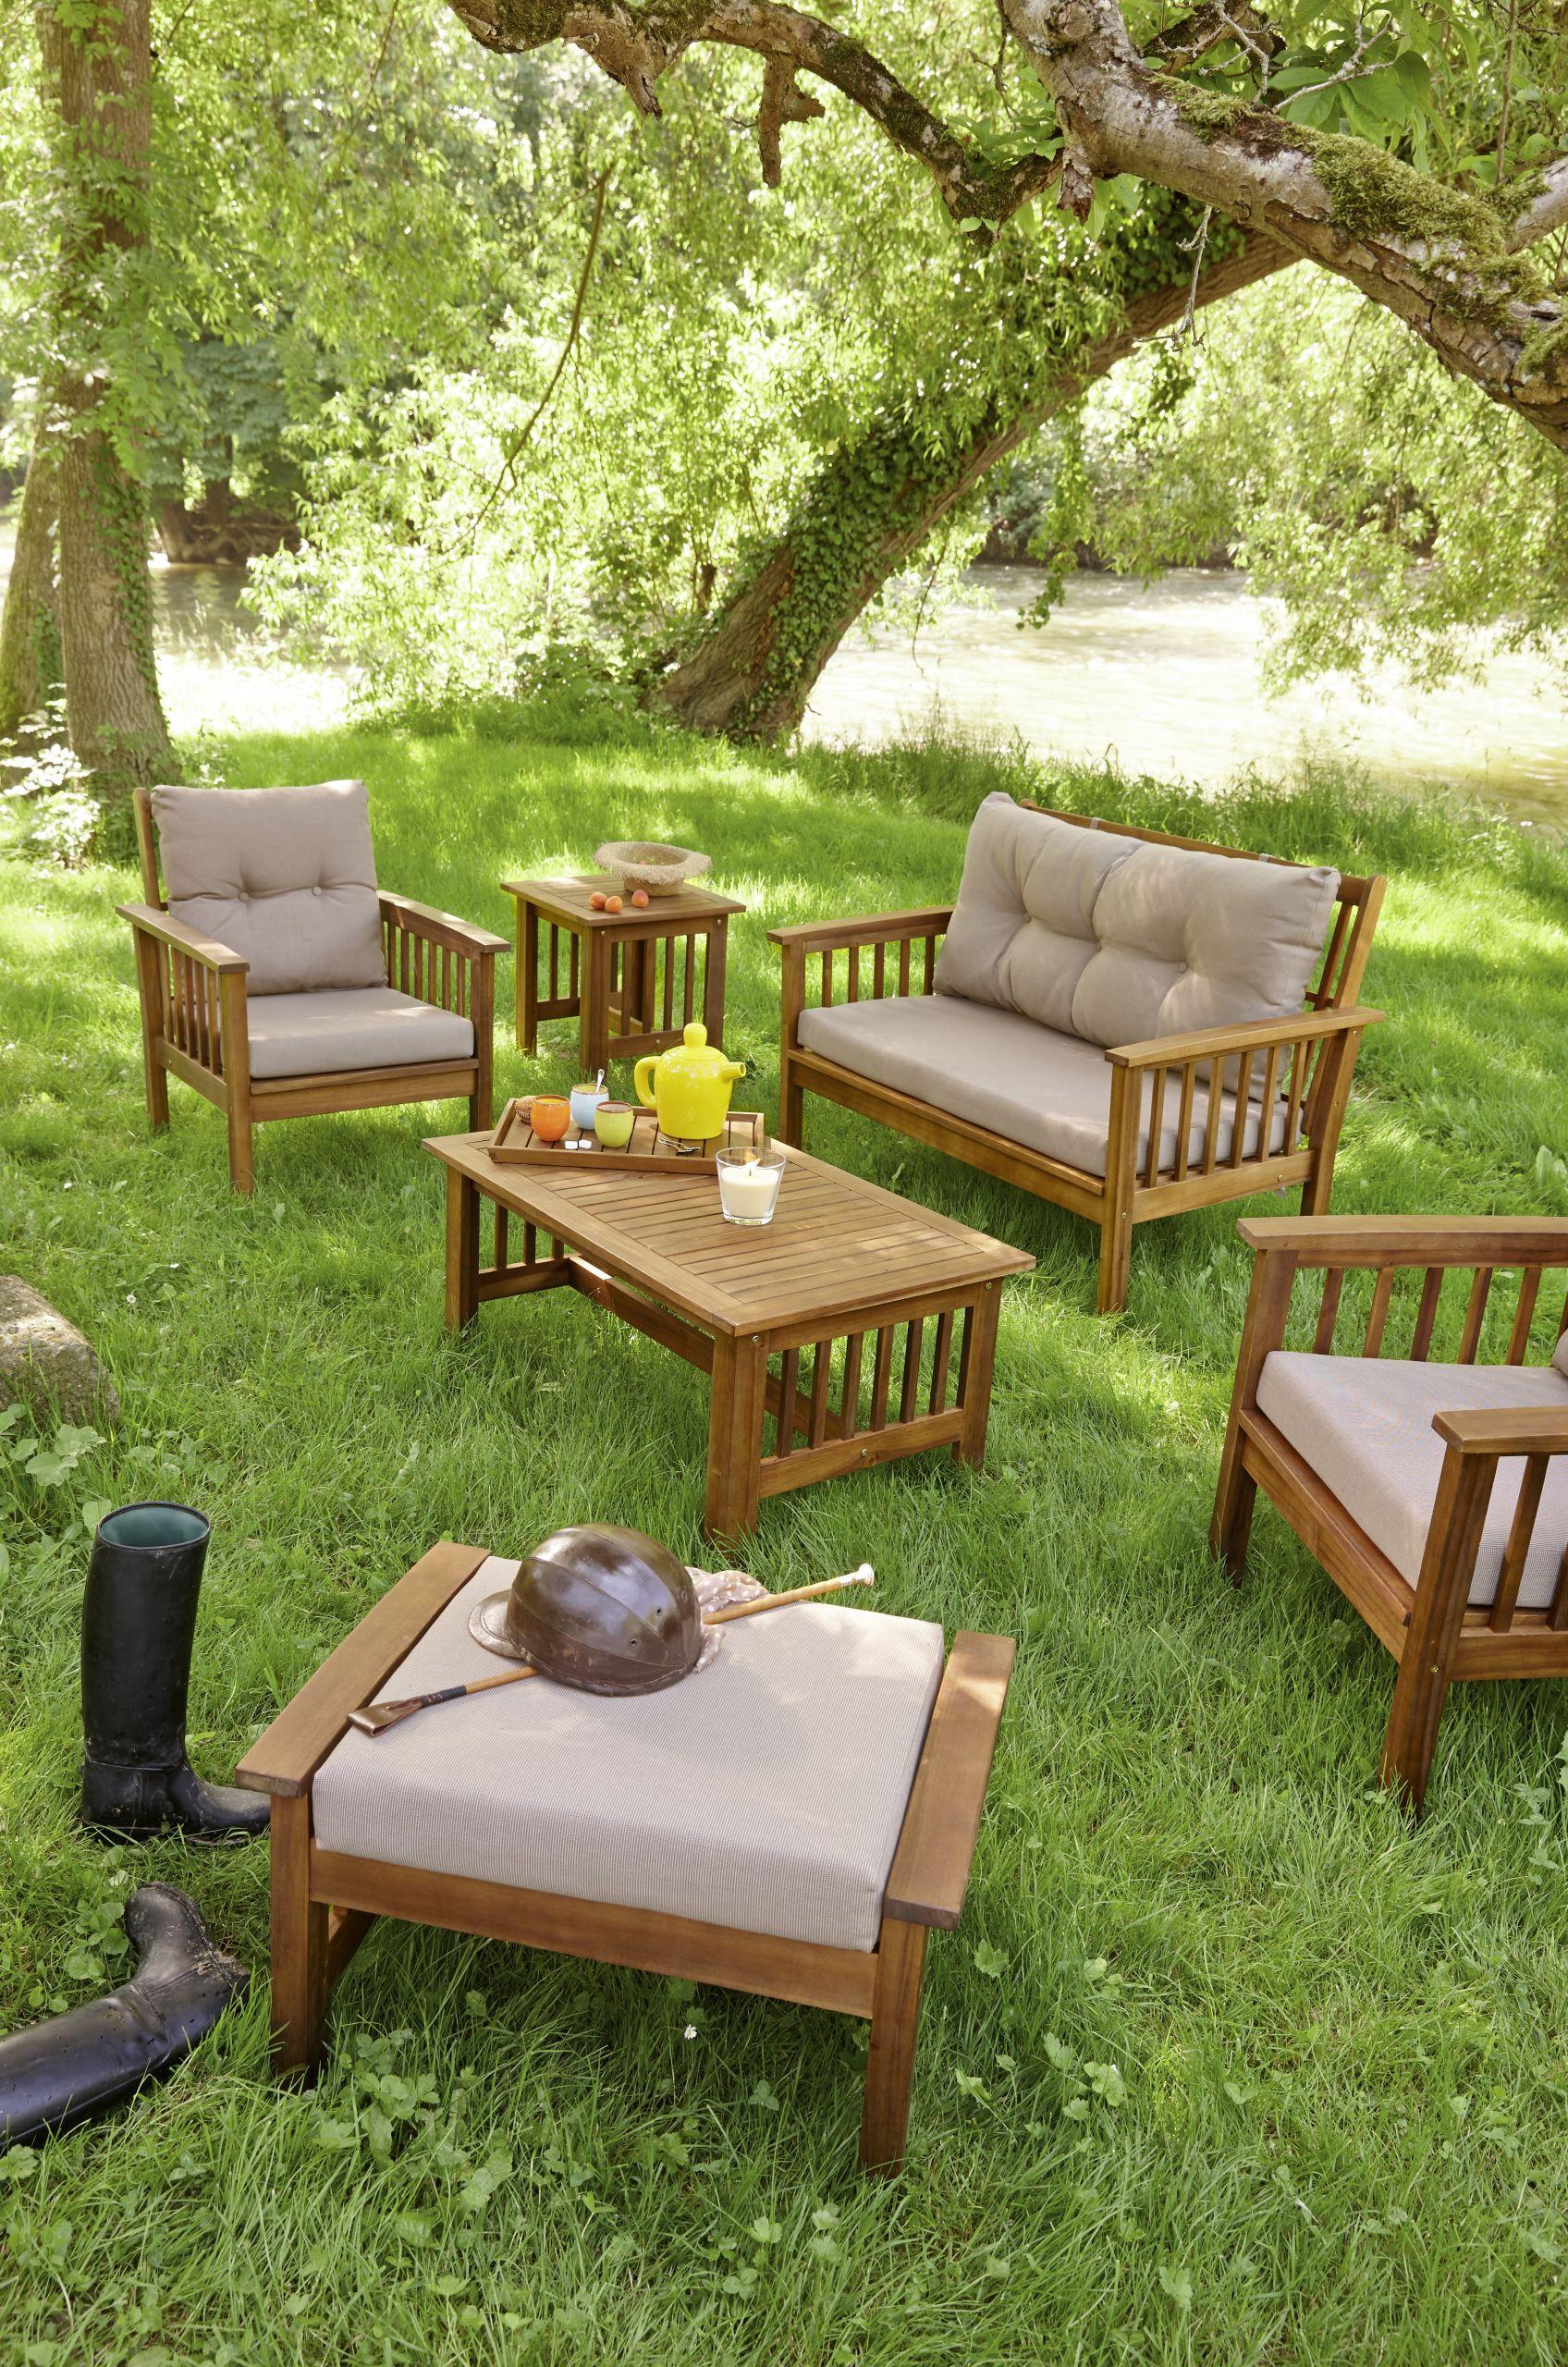 la redoute meubles de jardin meuble de jardin en teck pas cher 14 archaicawful la redoute soldes of la redoute meubles de jardin